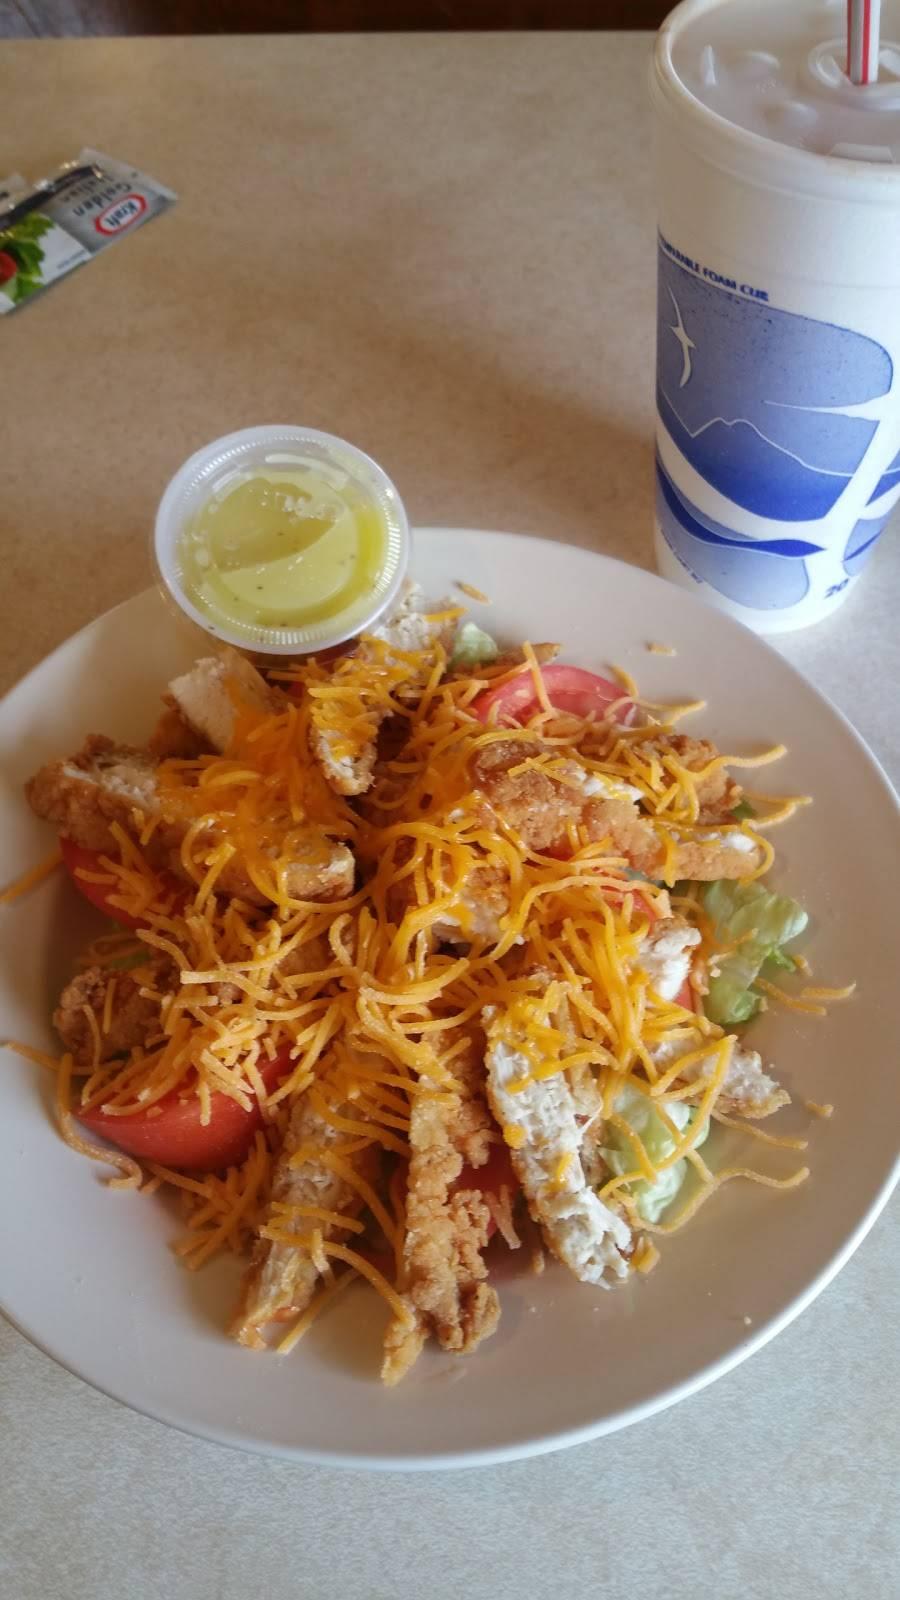 Taylors Dari Whip   restaurant   531 N Main St, Malta, OH 43758, USA   7409622726 OR +1 740-962-2726